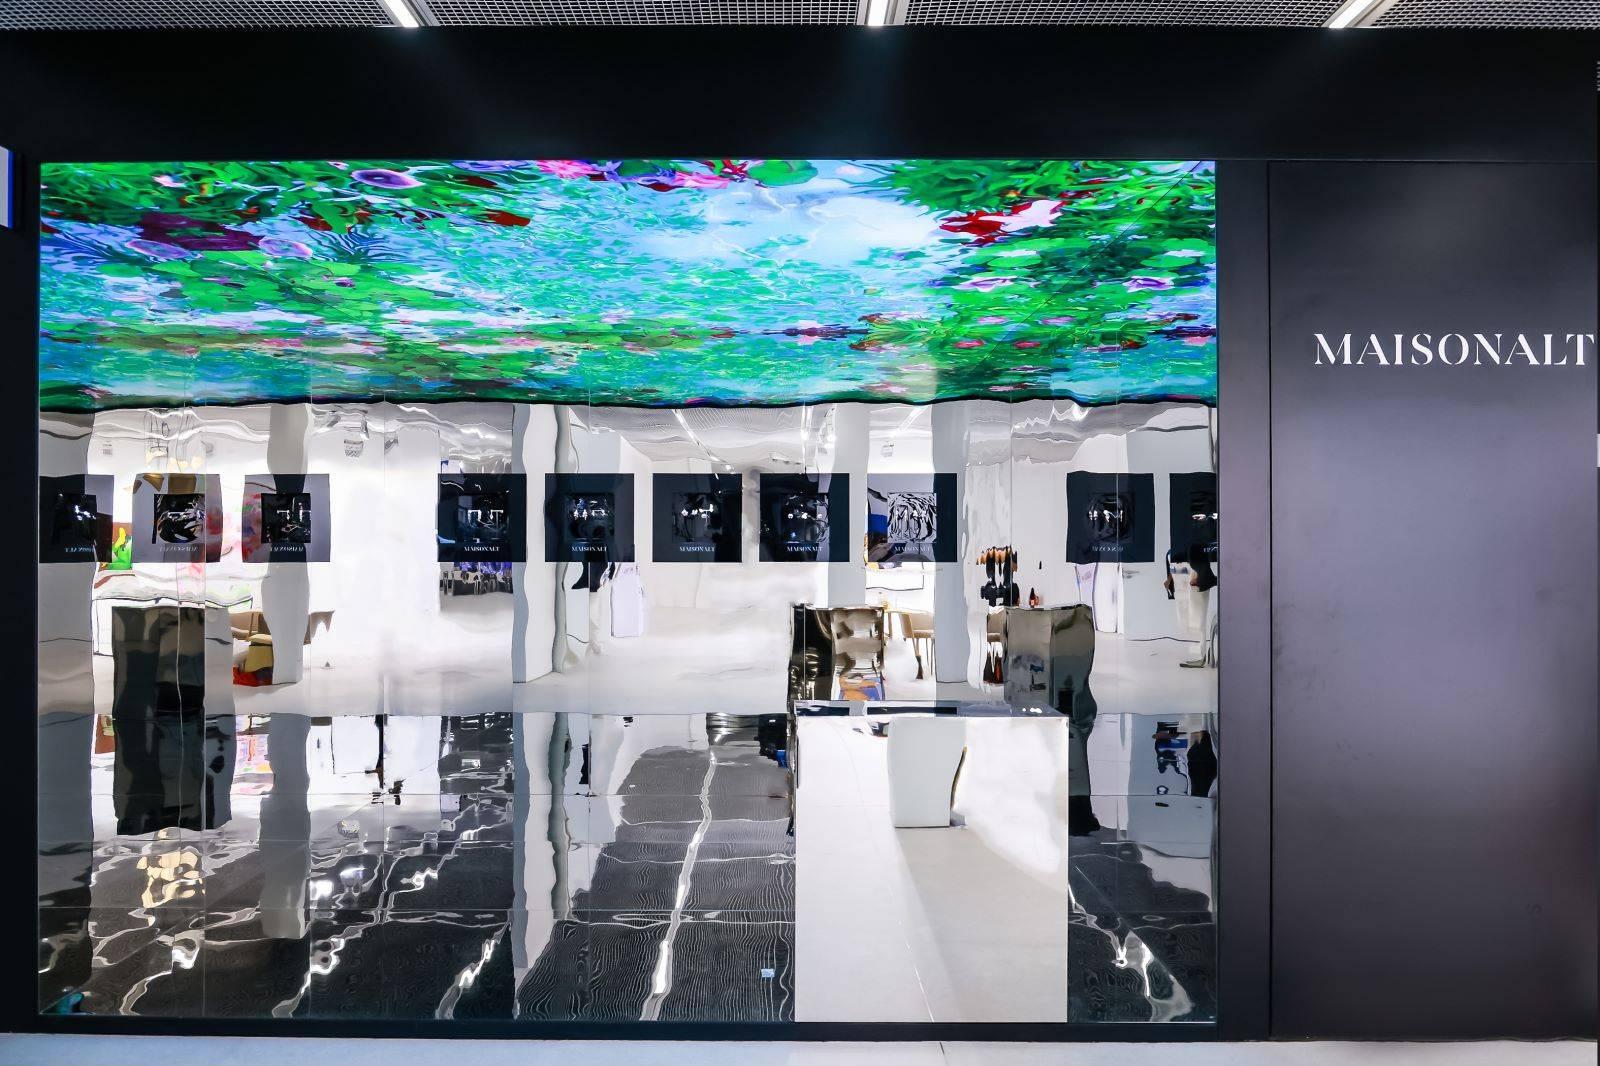 独立珠宝品牌MAISONALT首次亮相DnA SHENZHEN设计与艺术博览会